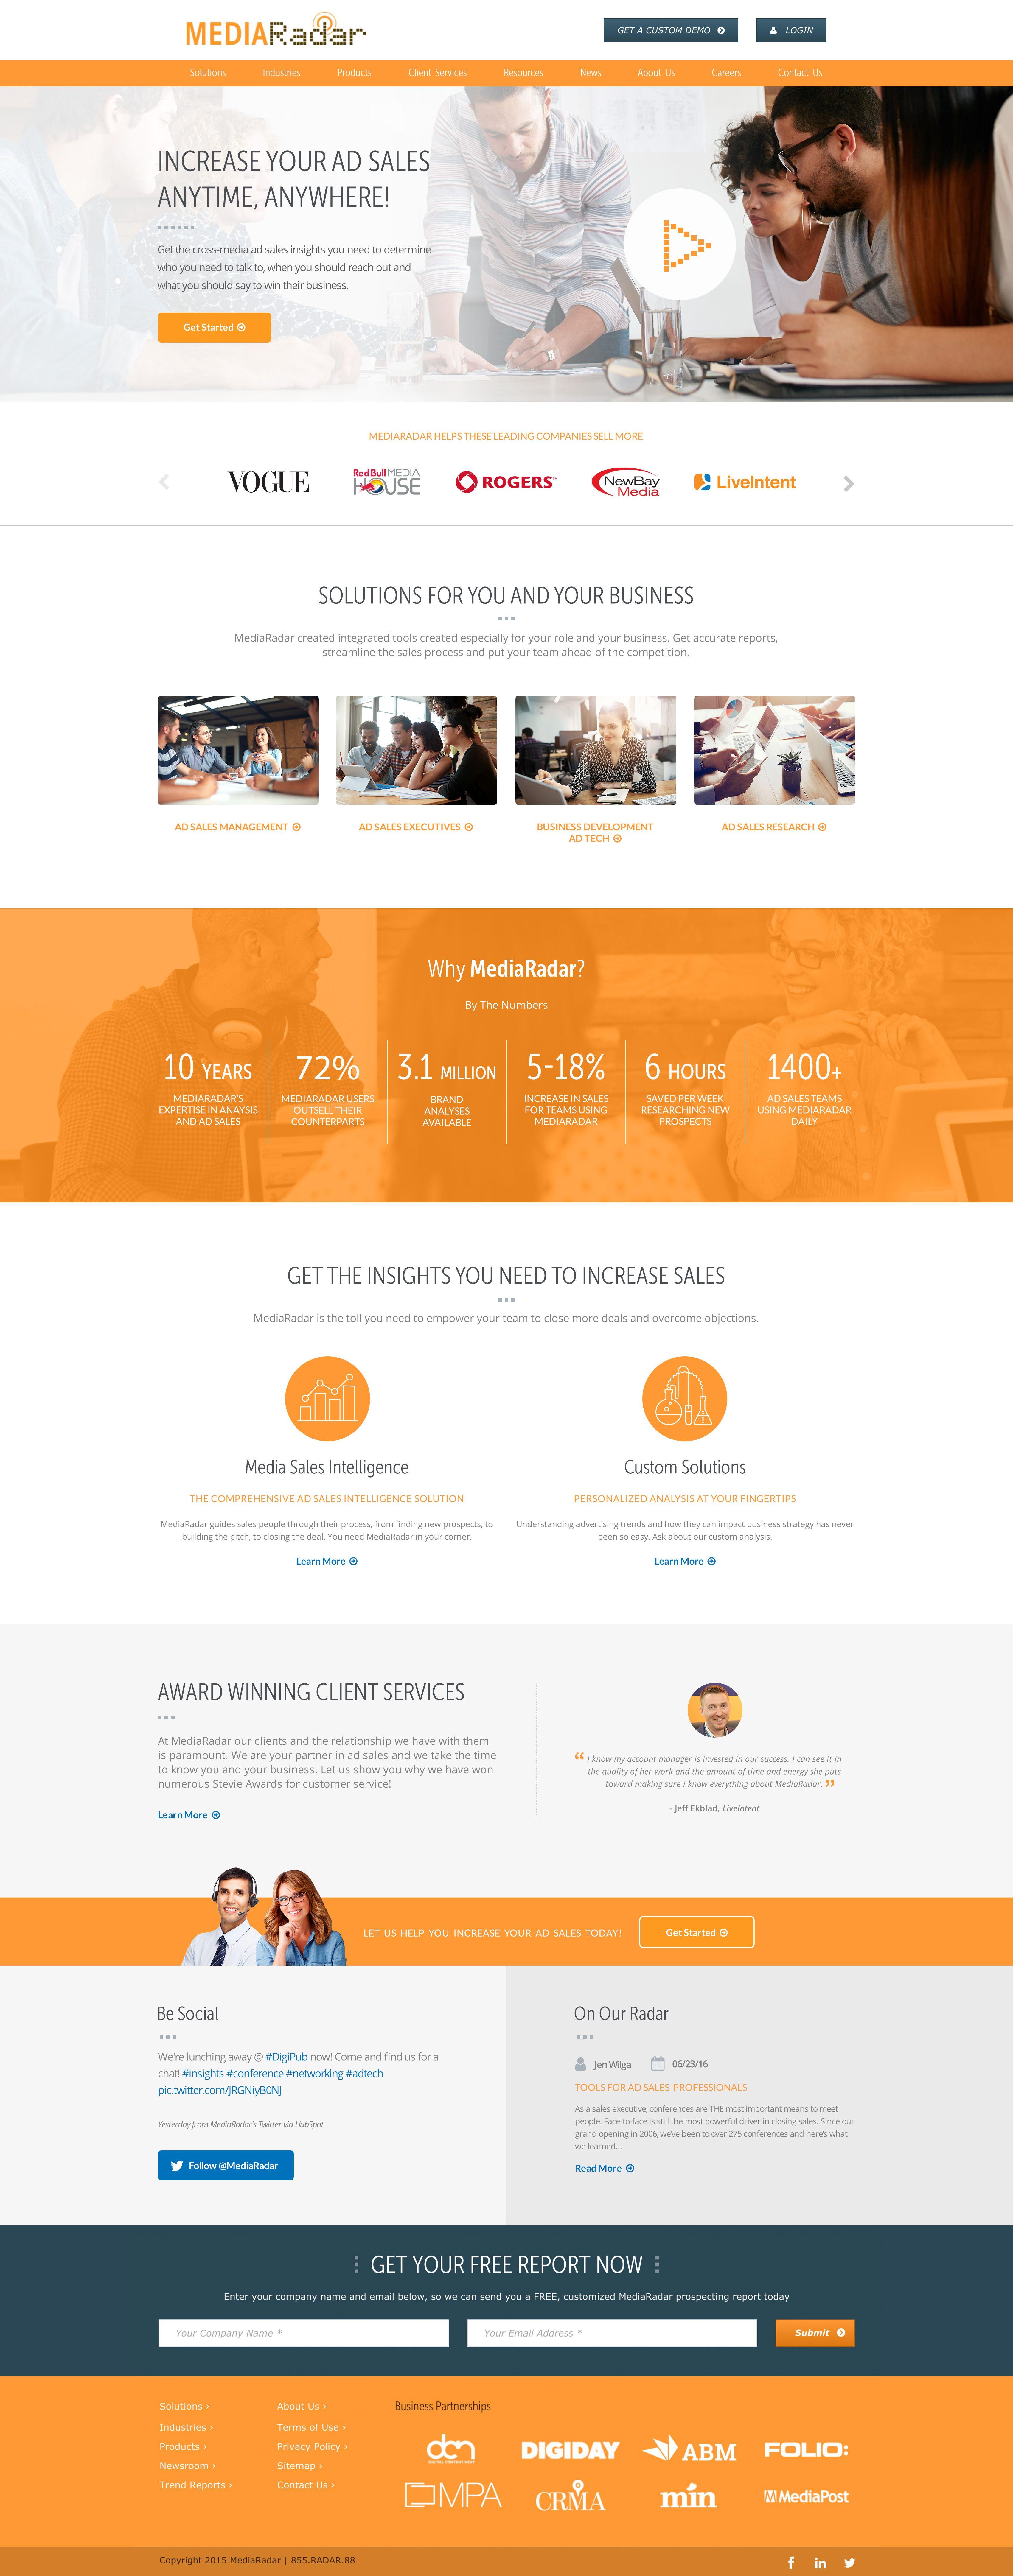 Mediaradar Web Design Index By Lou Stuber Web Design Design Index